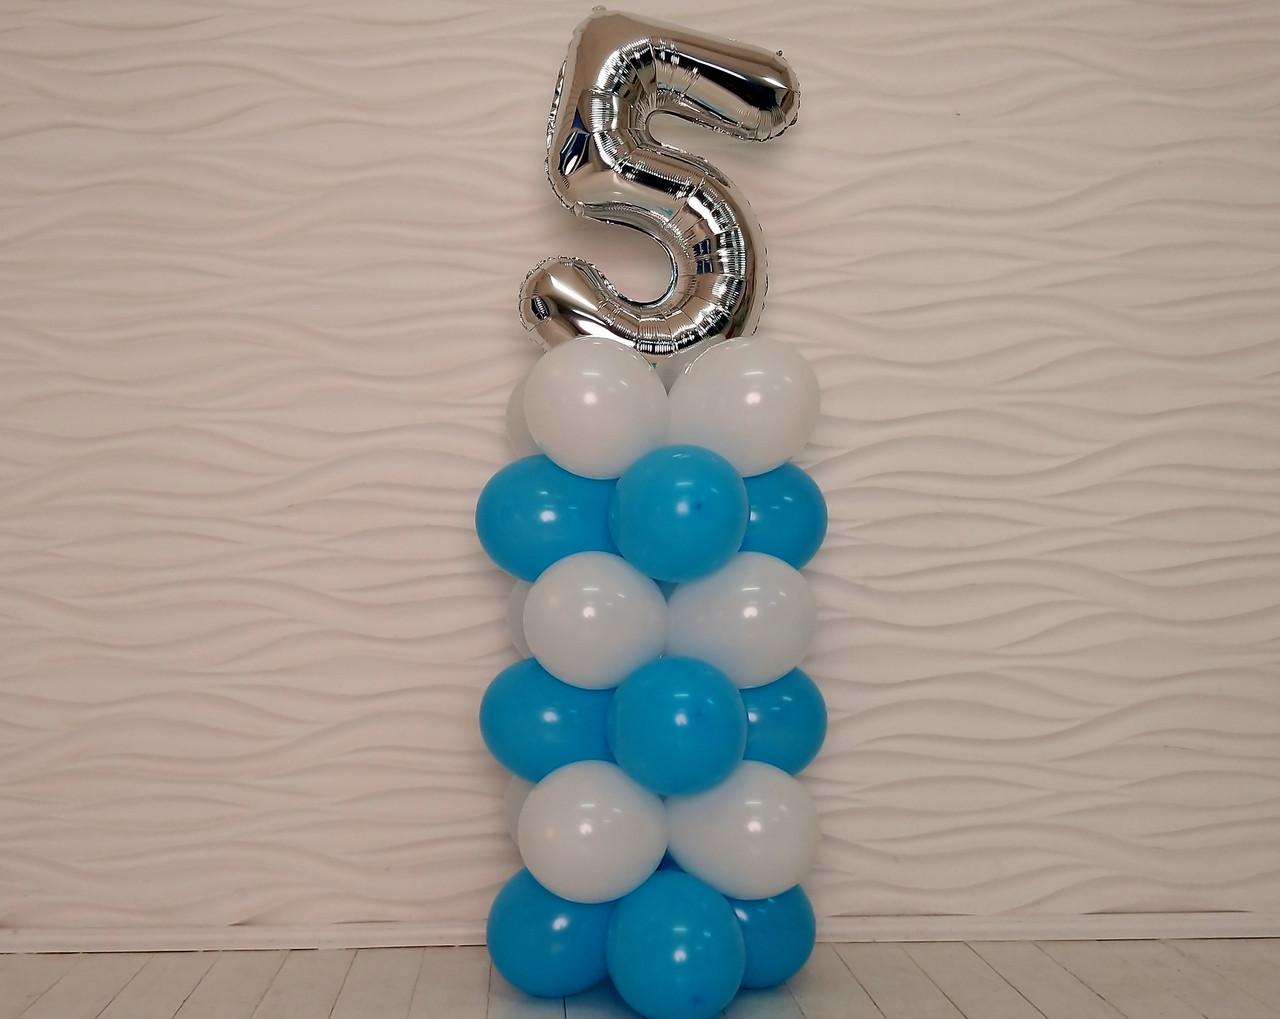 """Композиция с воздушных шариков """"Стойка с цифрой """"5"""" Насос в комплекте"""